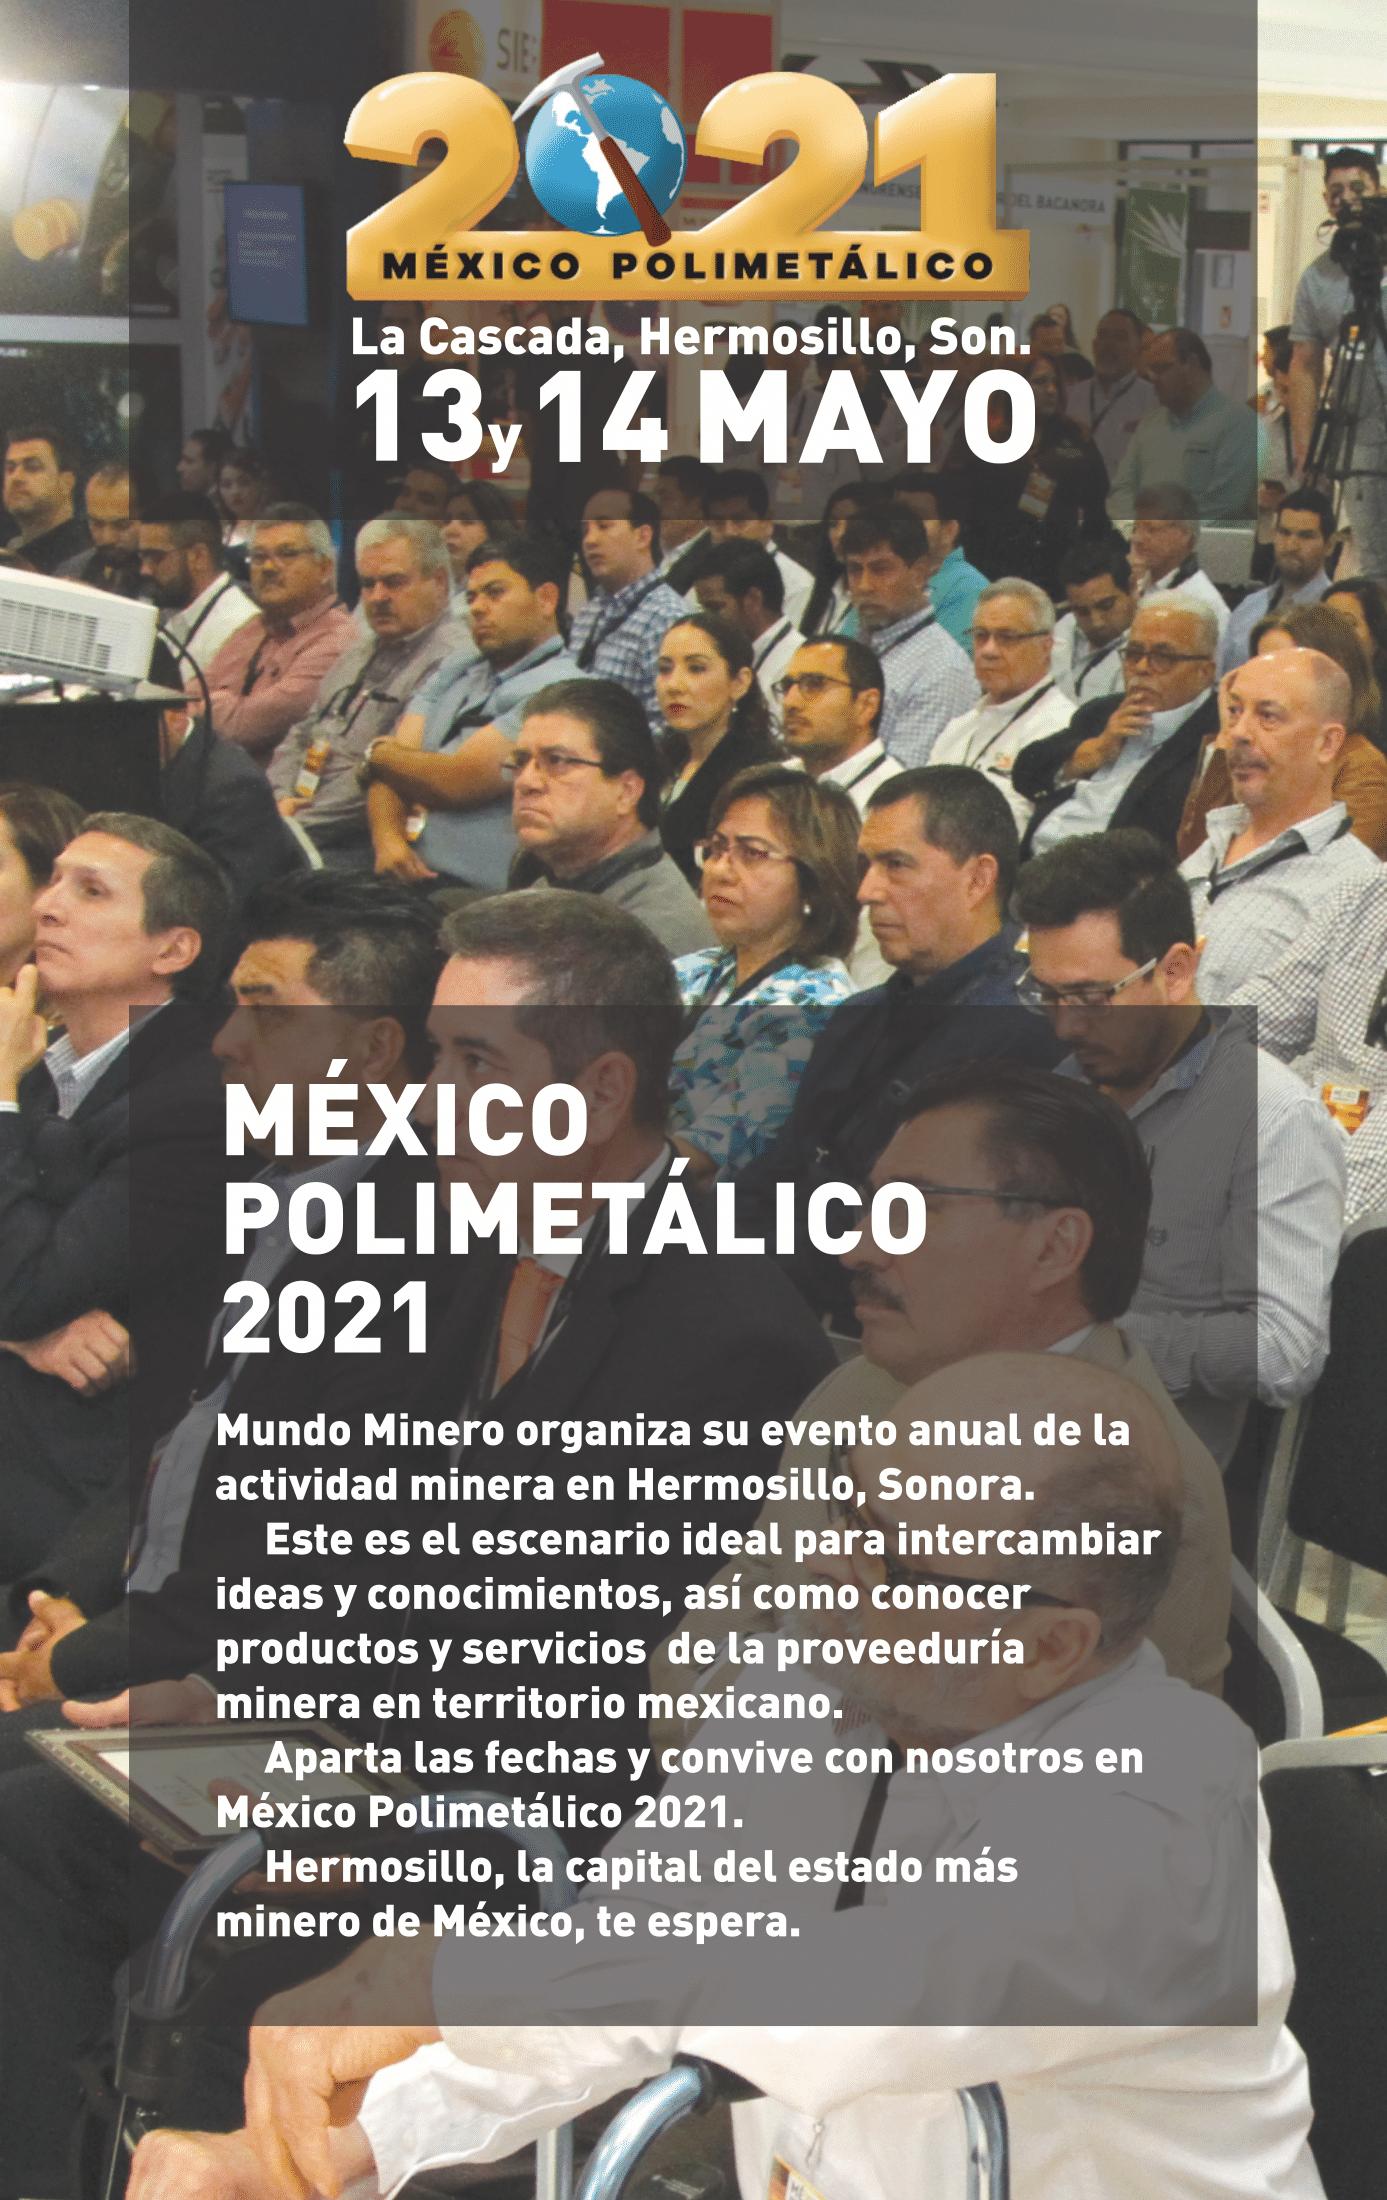 MEXICO POLIMETALICO 2021-2